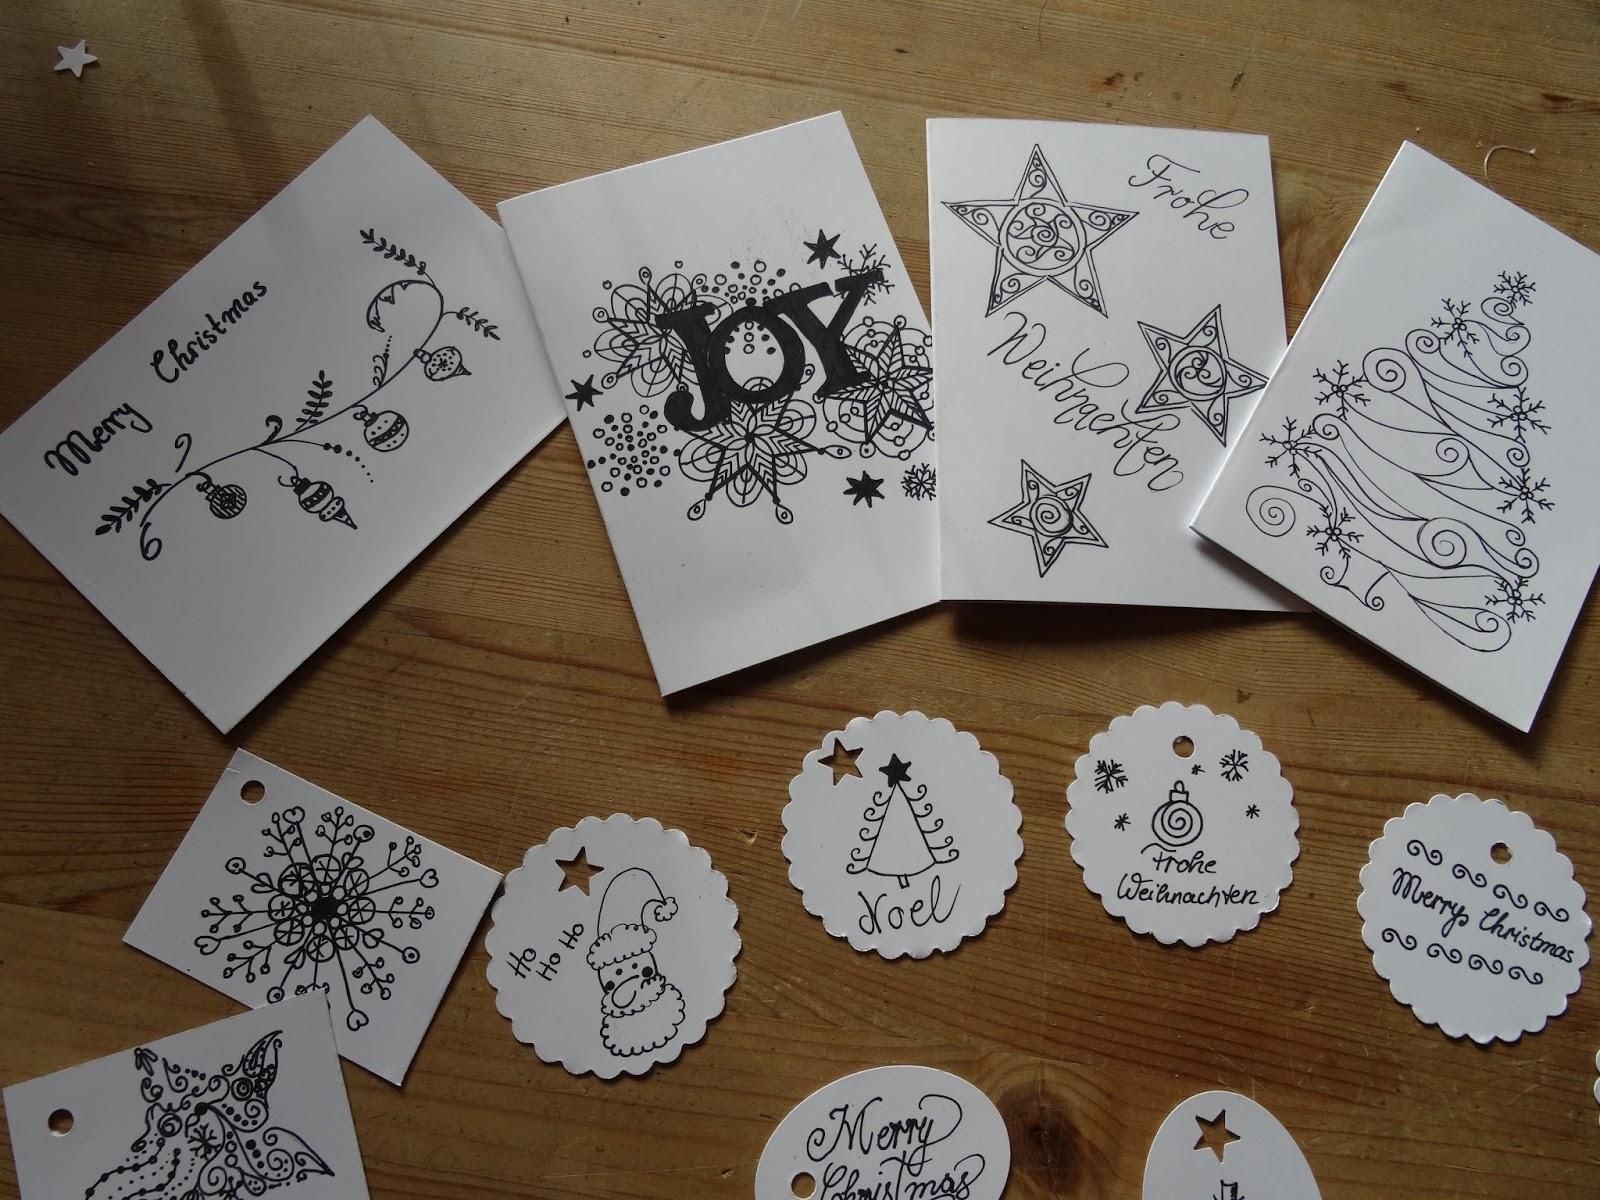 majamade basteln f r die weihnachtszeit teil 2 diy weihnachtskarten geschenkanh nger. Black Bedroom Furniture Sets. Home Design Ideas